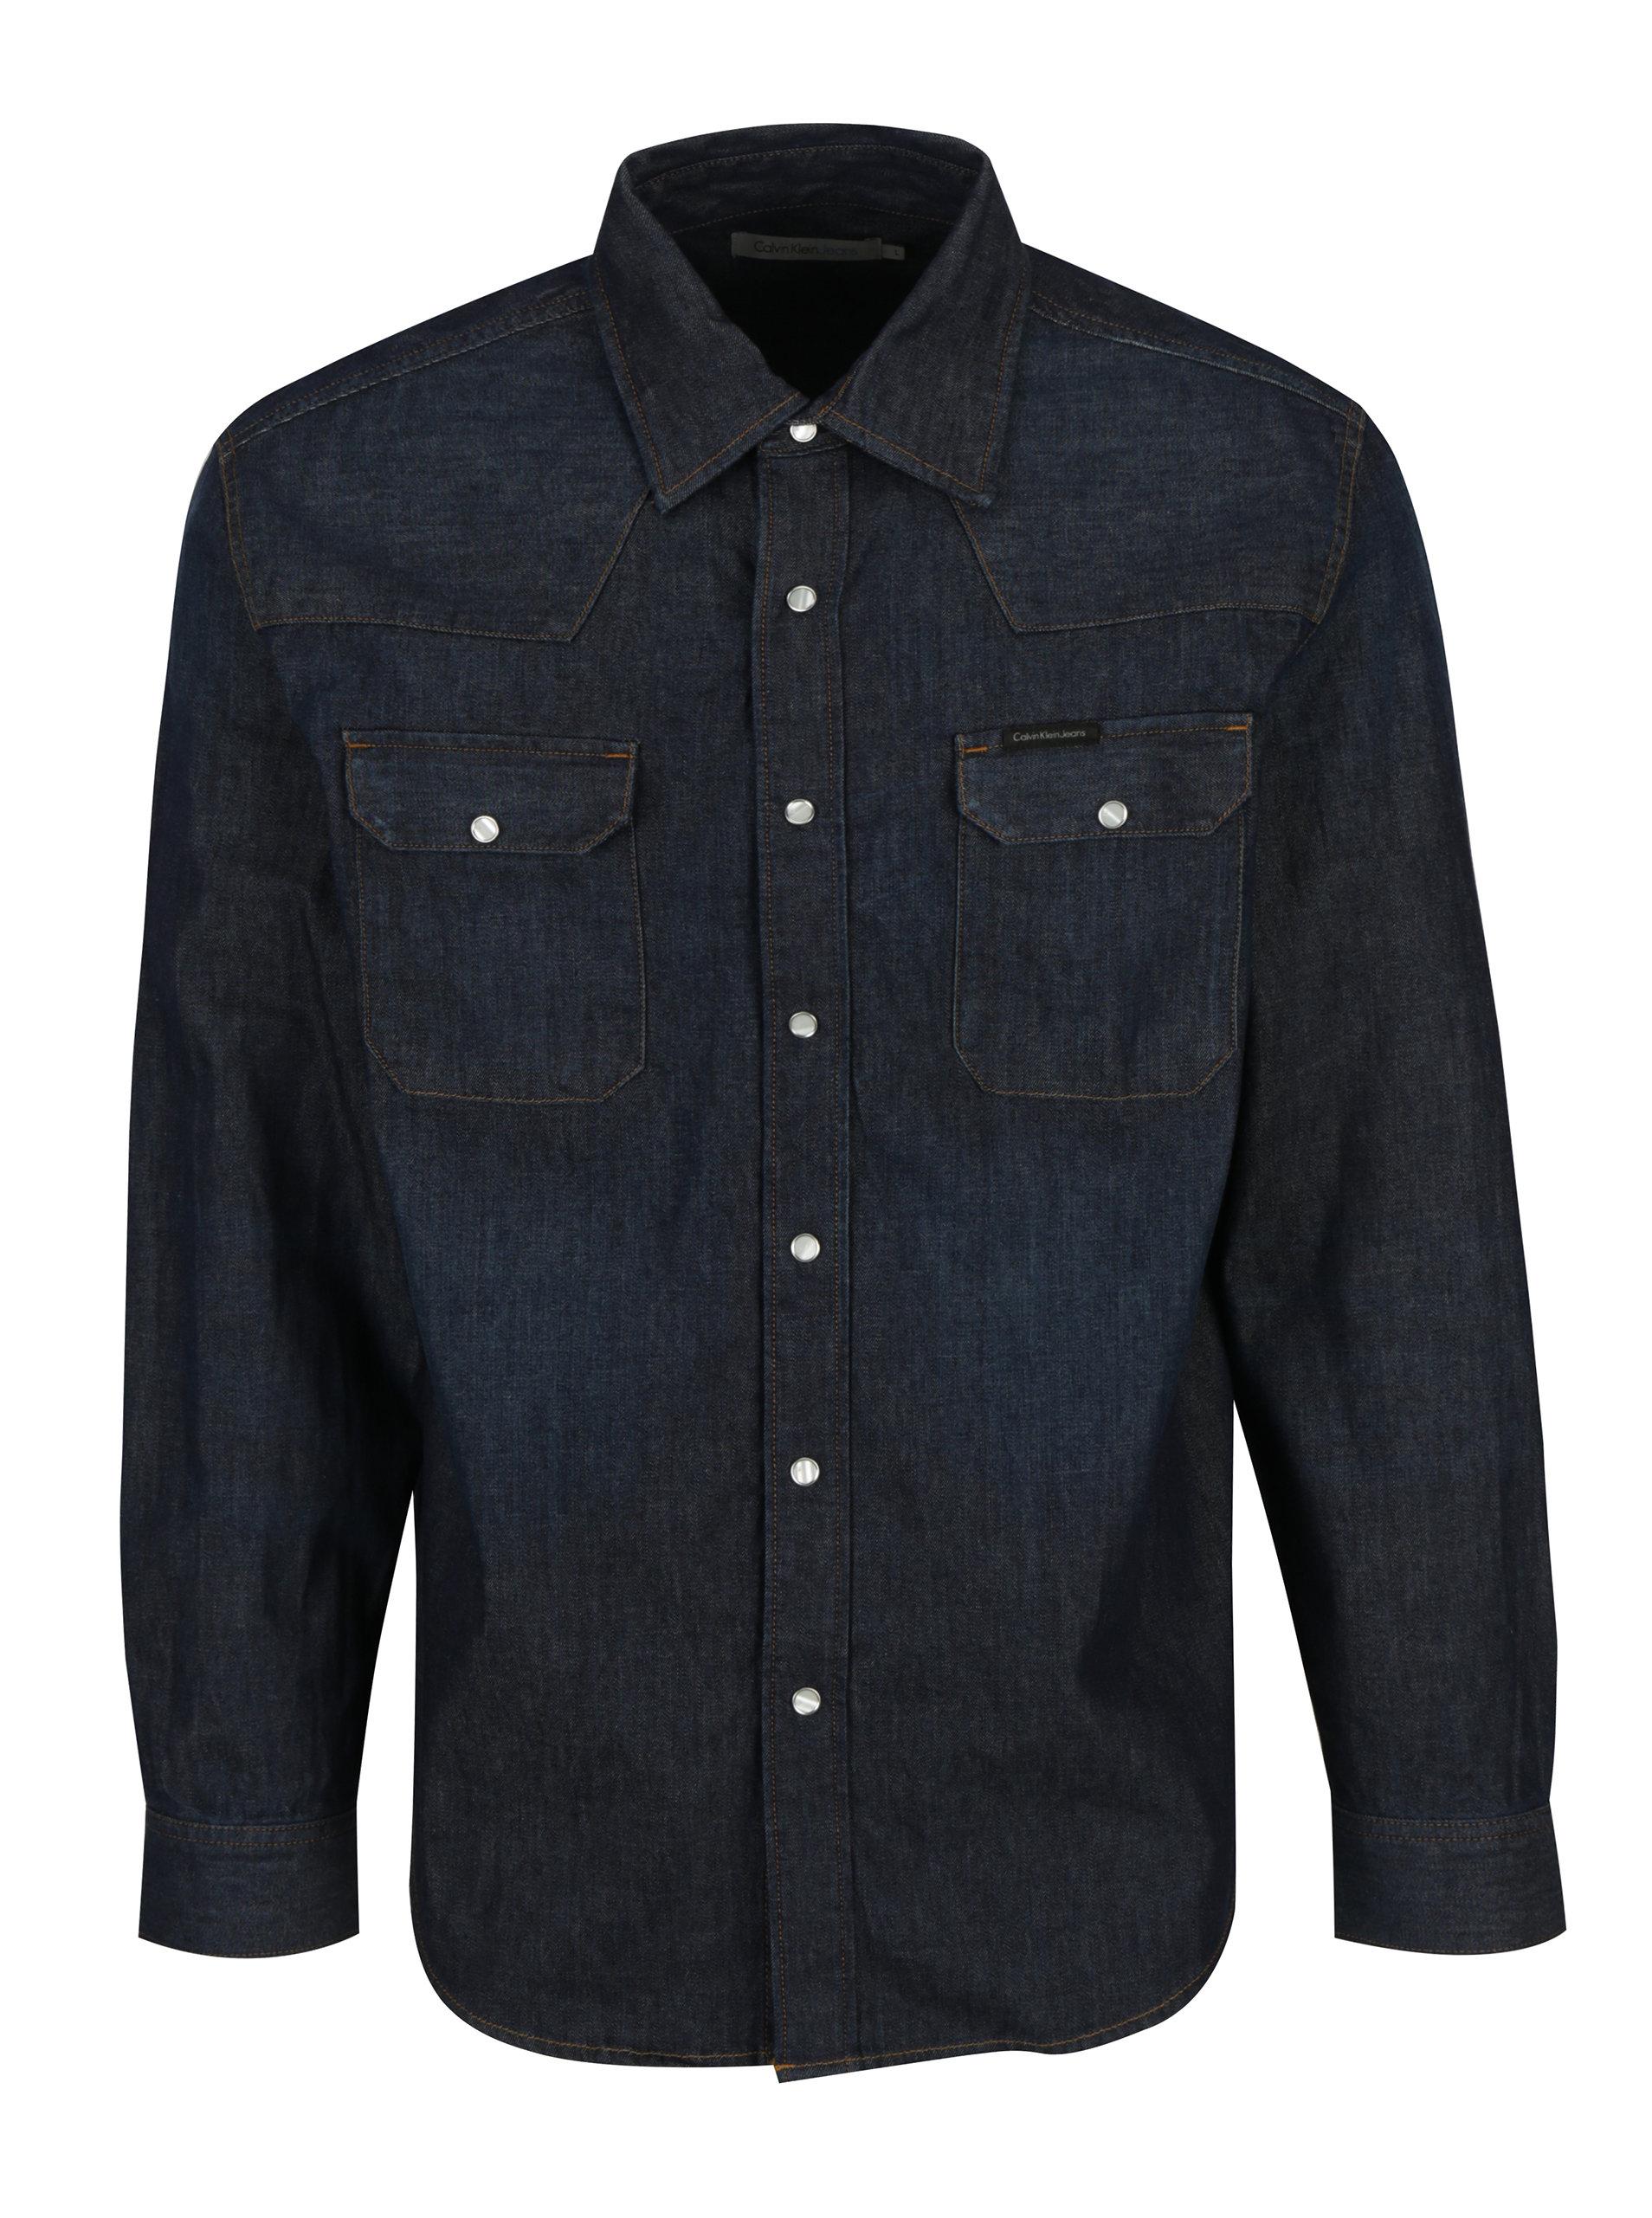 b225a85760a5 Tmavomodrá pánska rifľová košeľa s dlhým rukávom Calvin Klein Jeans Archive  Western ...